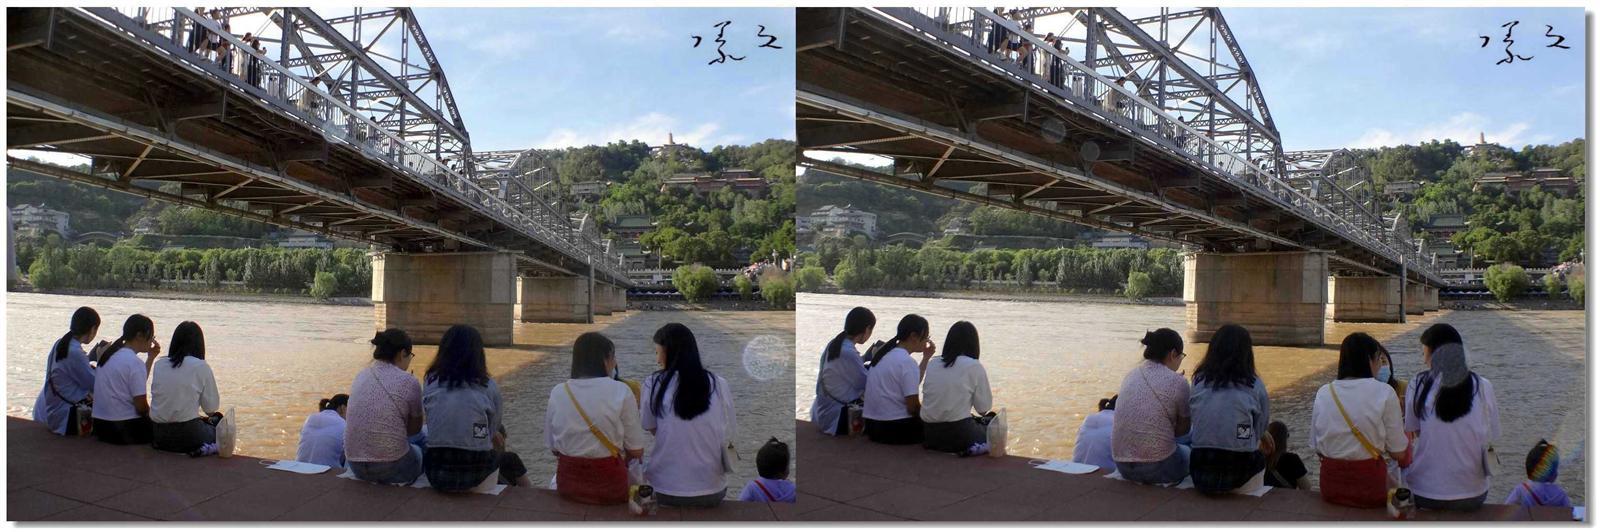 【原创】铁桥上的风景 -1